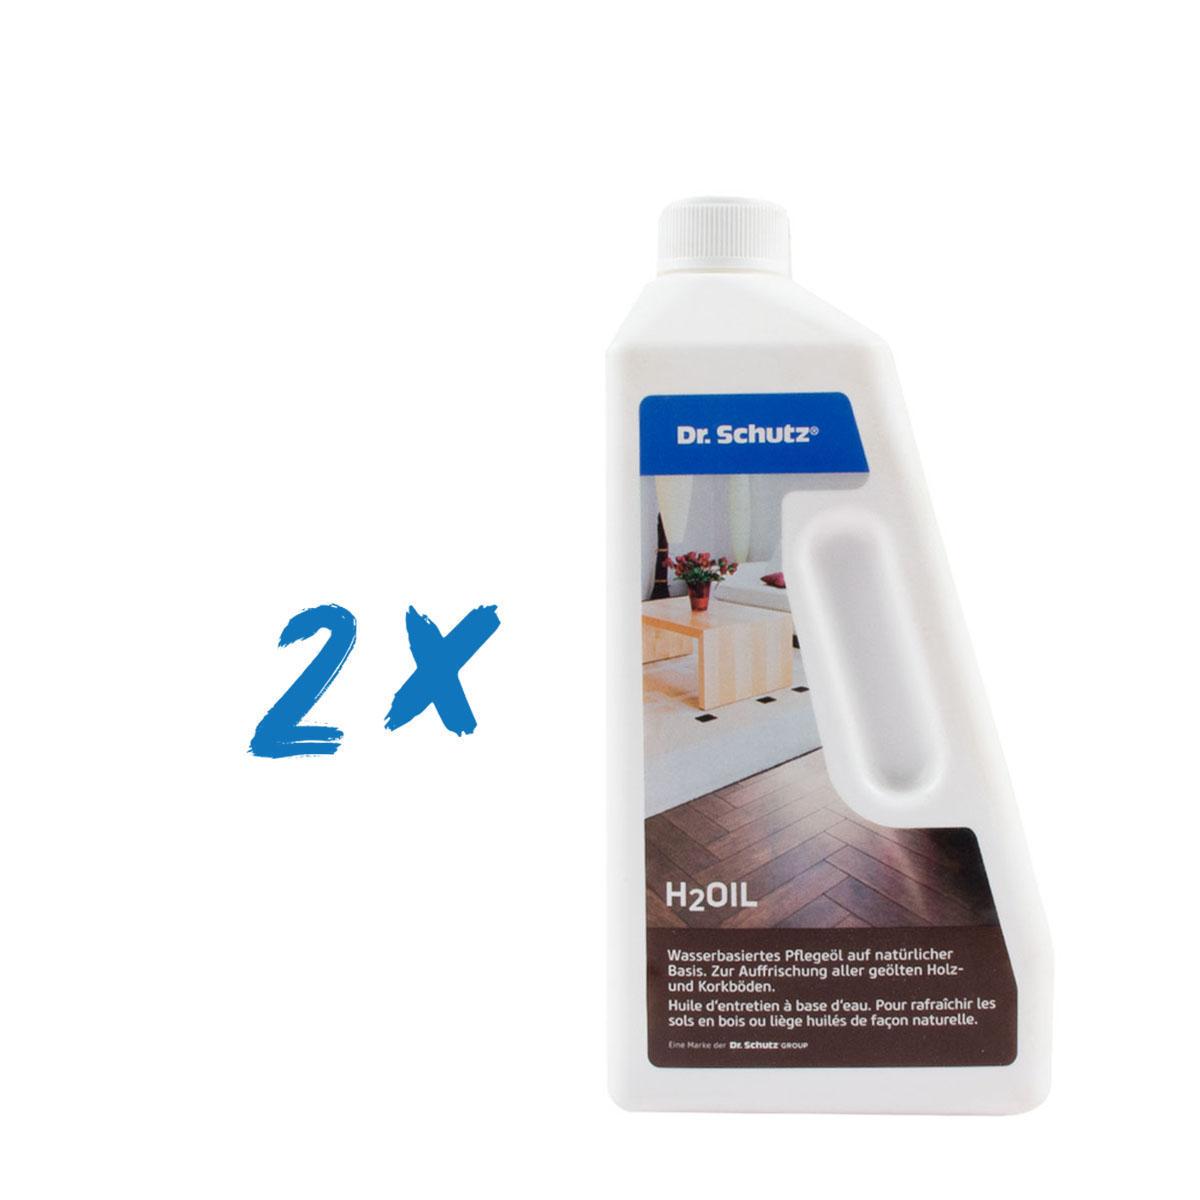 2x Dr. Schutz H2Oil 750ml, farblos, Wasserbassiertes Pflegeöl